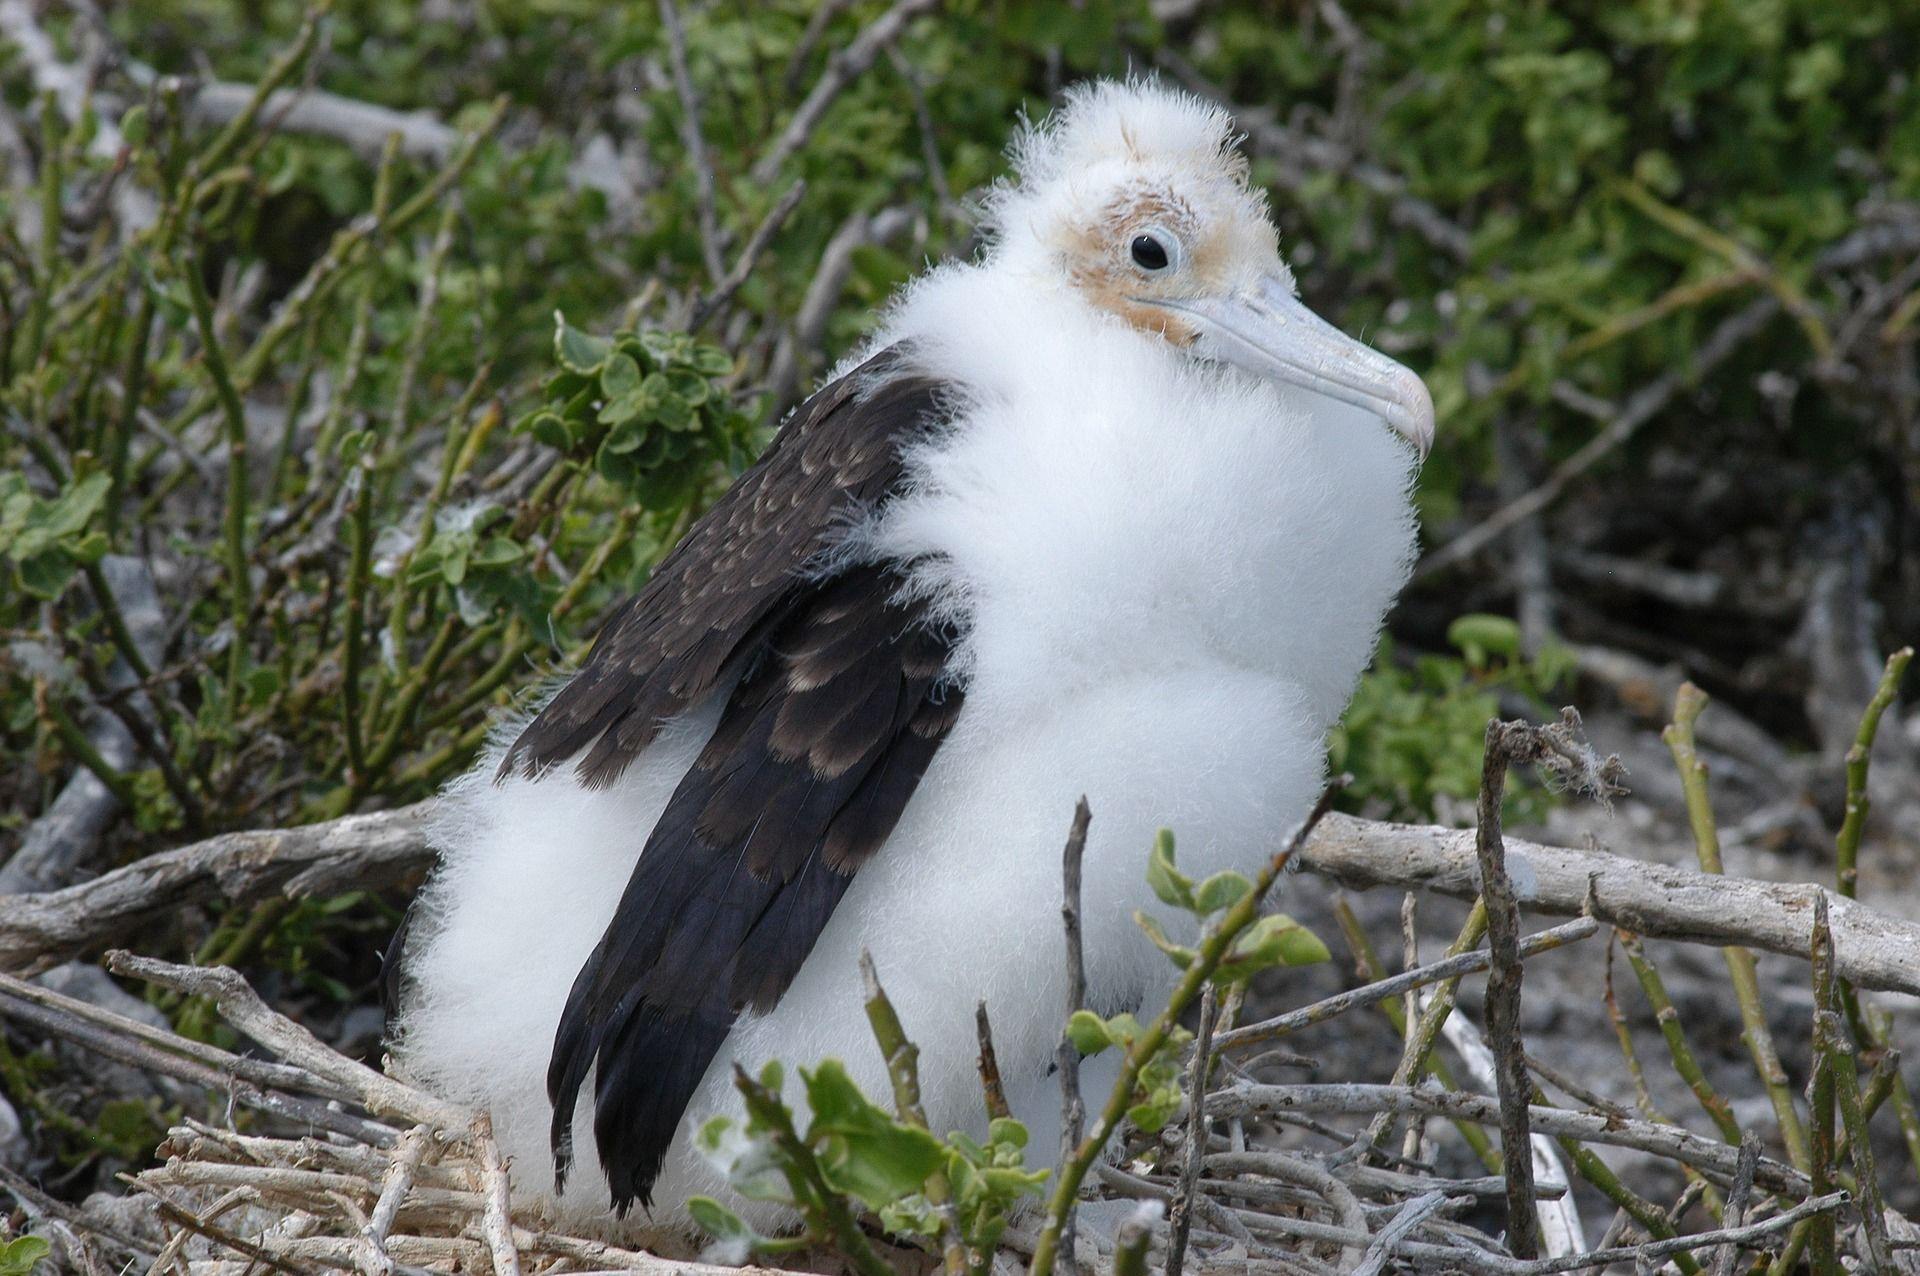 Смотреть лучшее фото детеныша фрегата в гнезде